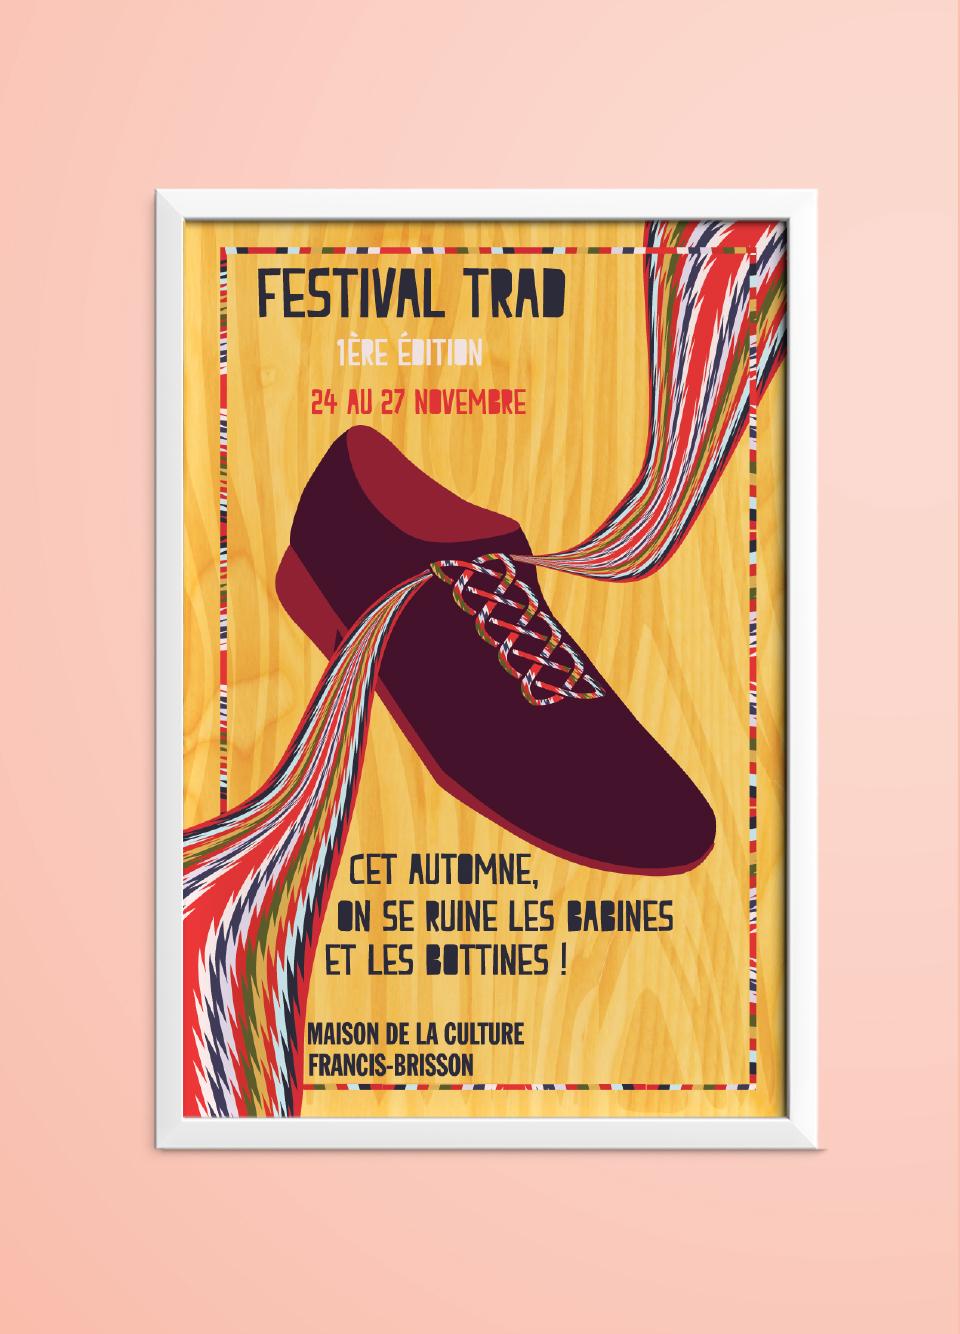 Festival Trad